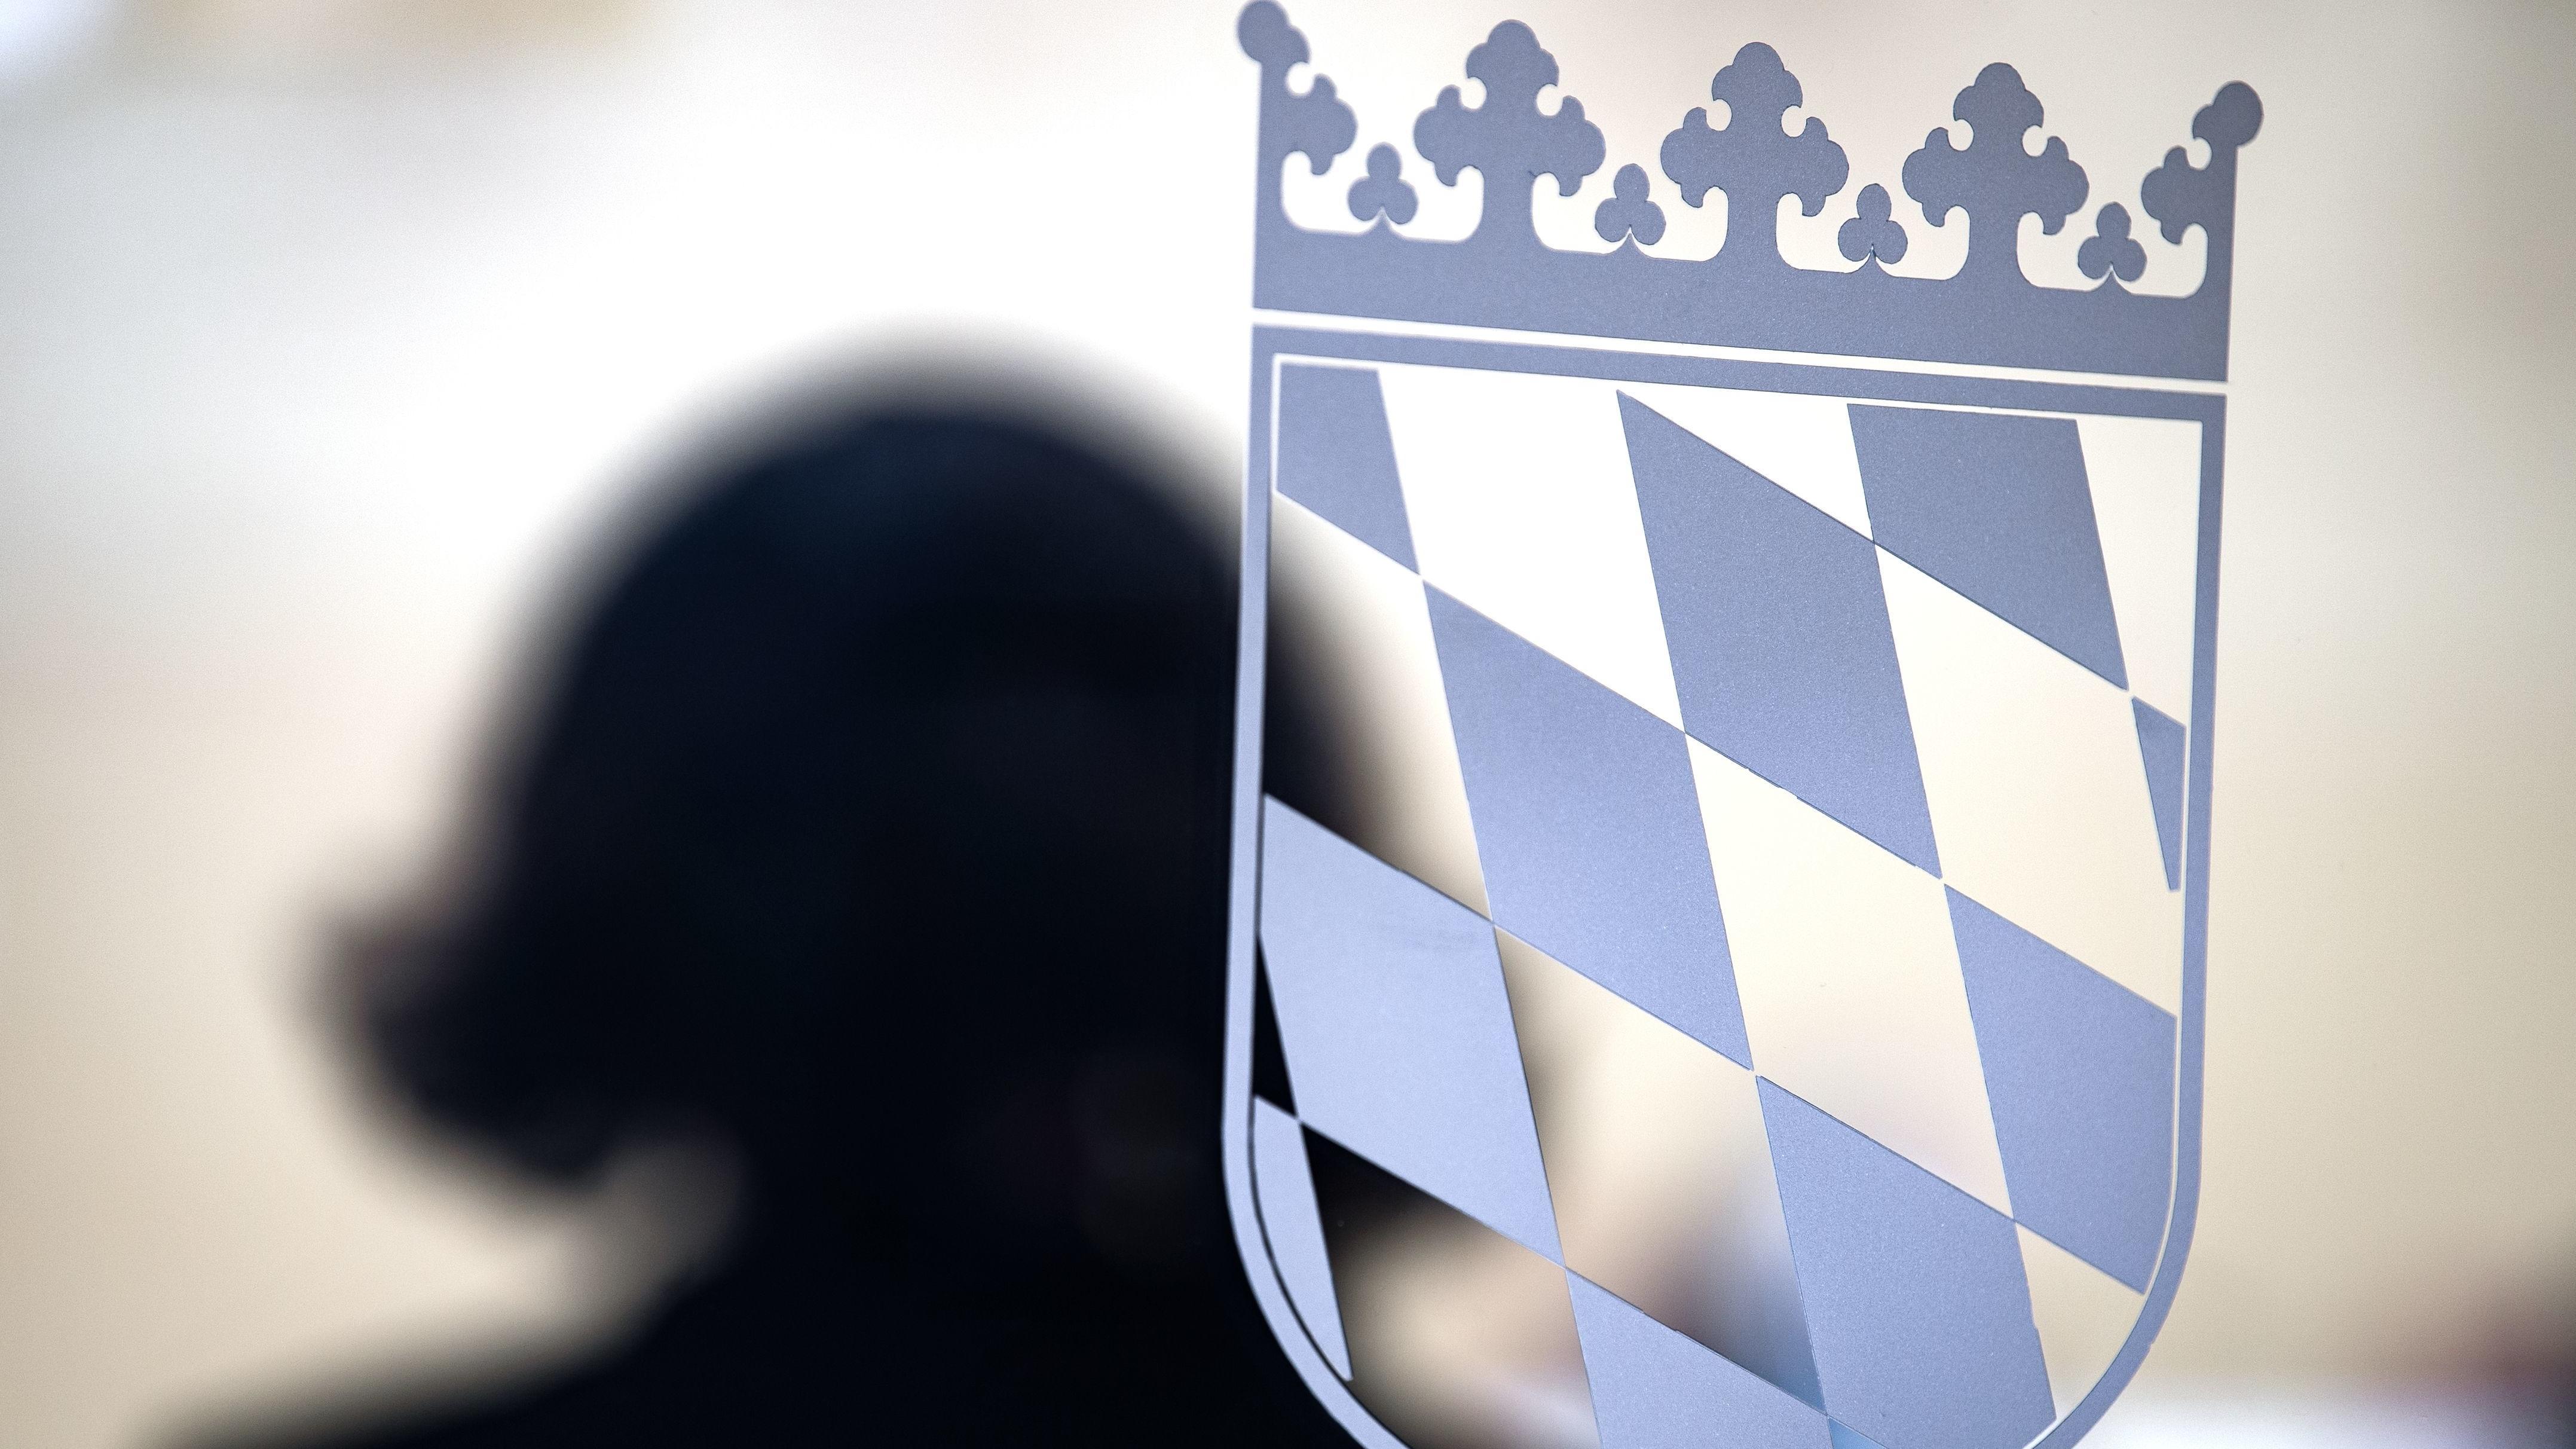 Schatten einer Frau neben dem Wappen der Bayernraute